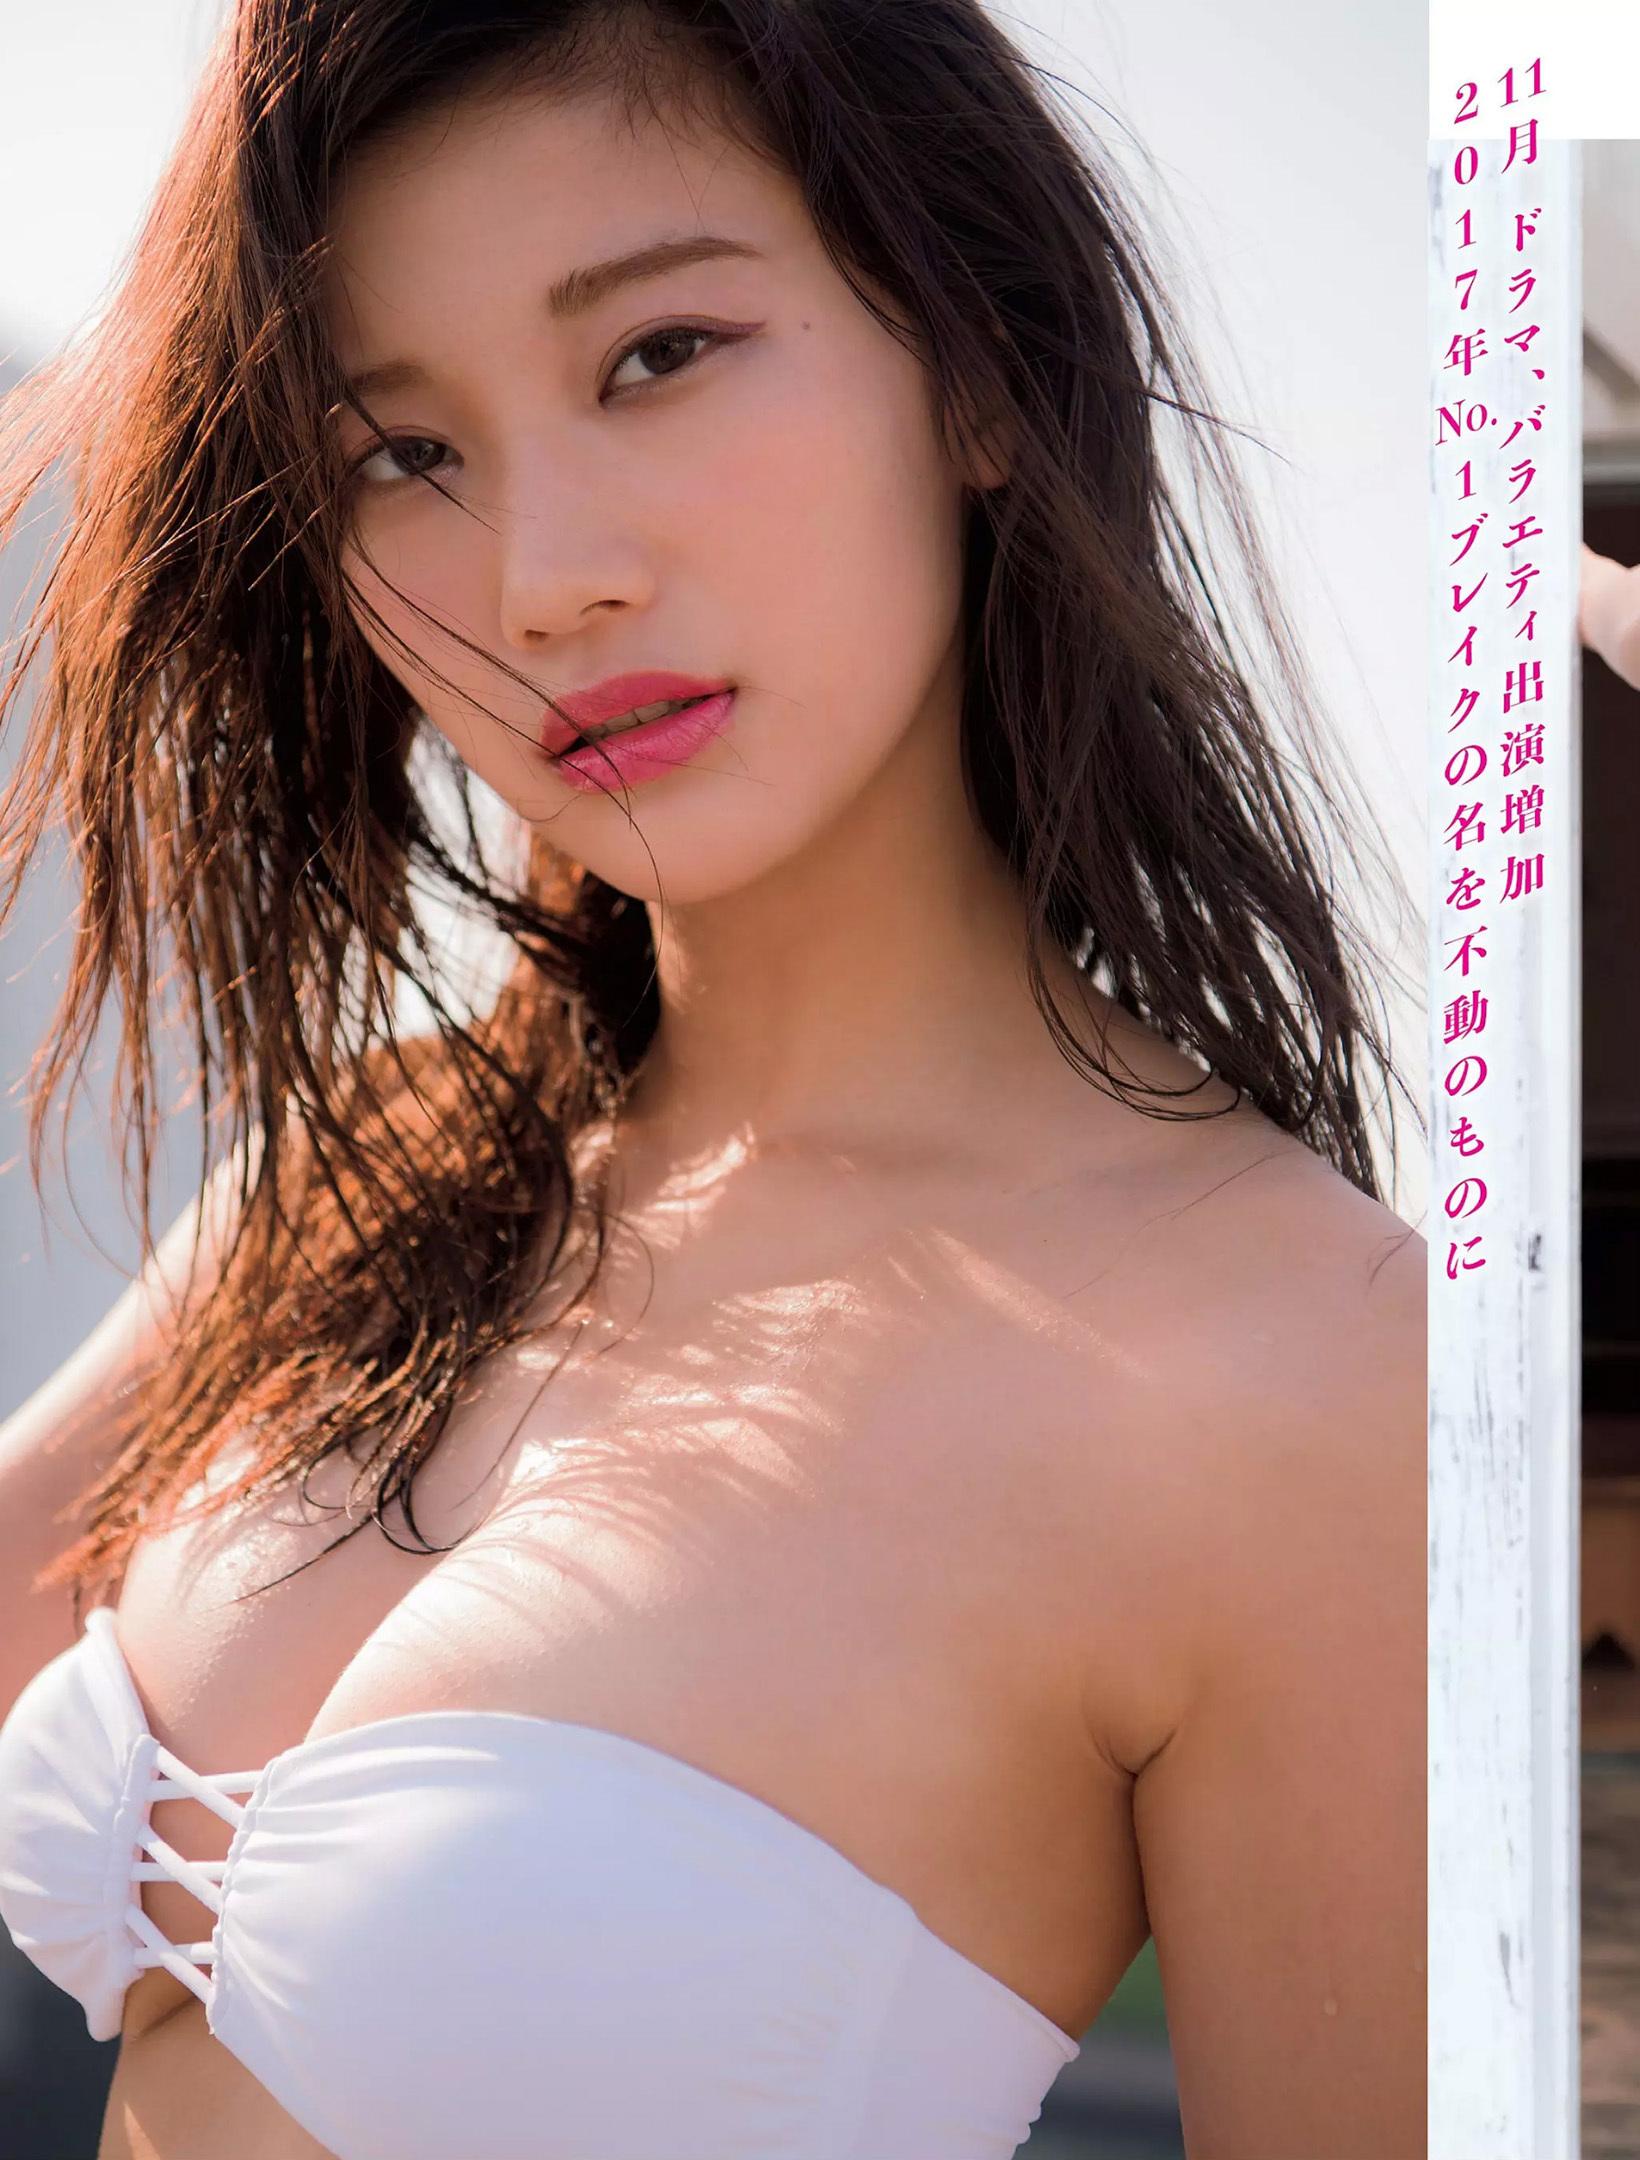 ogura_yuuka059.jpg